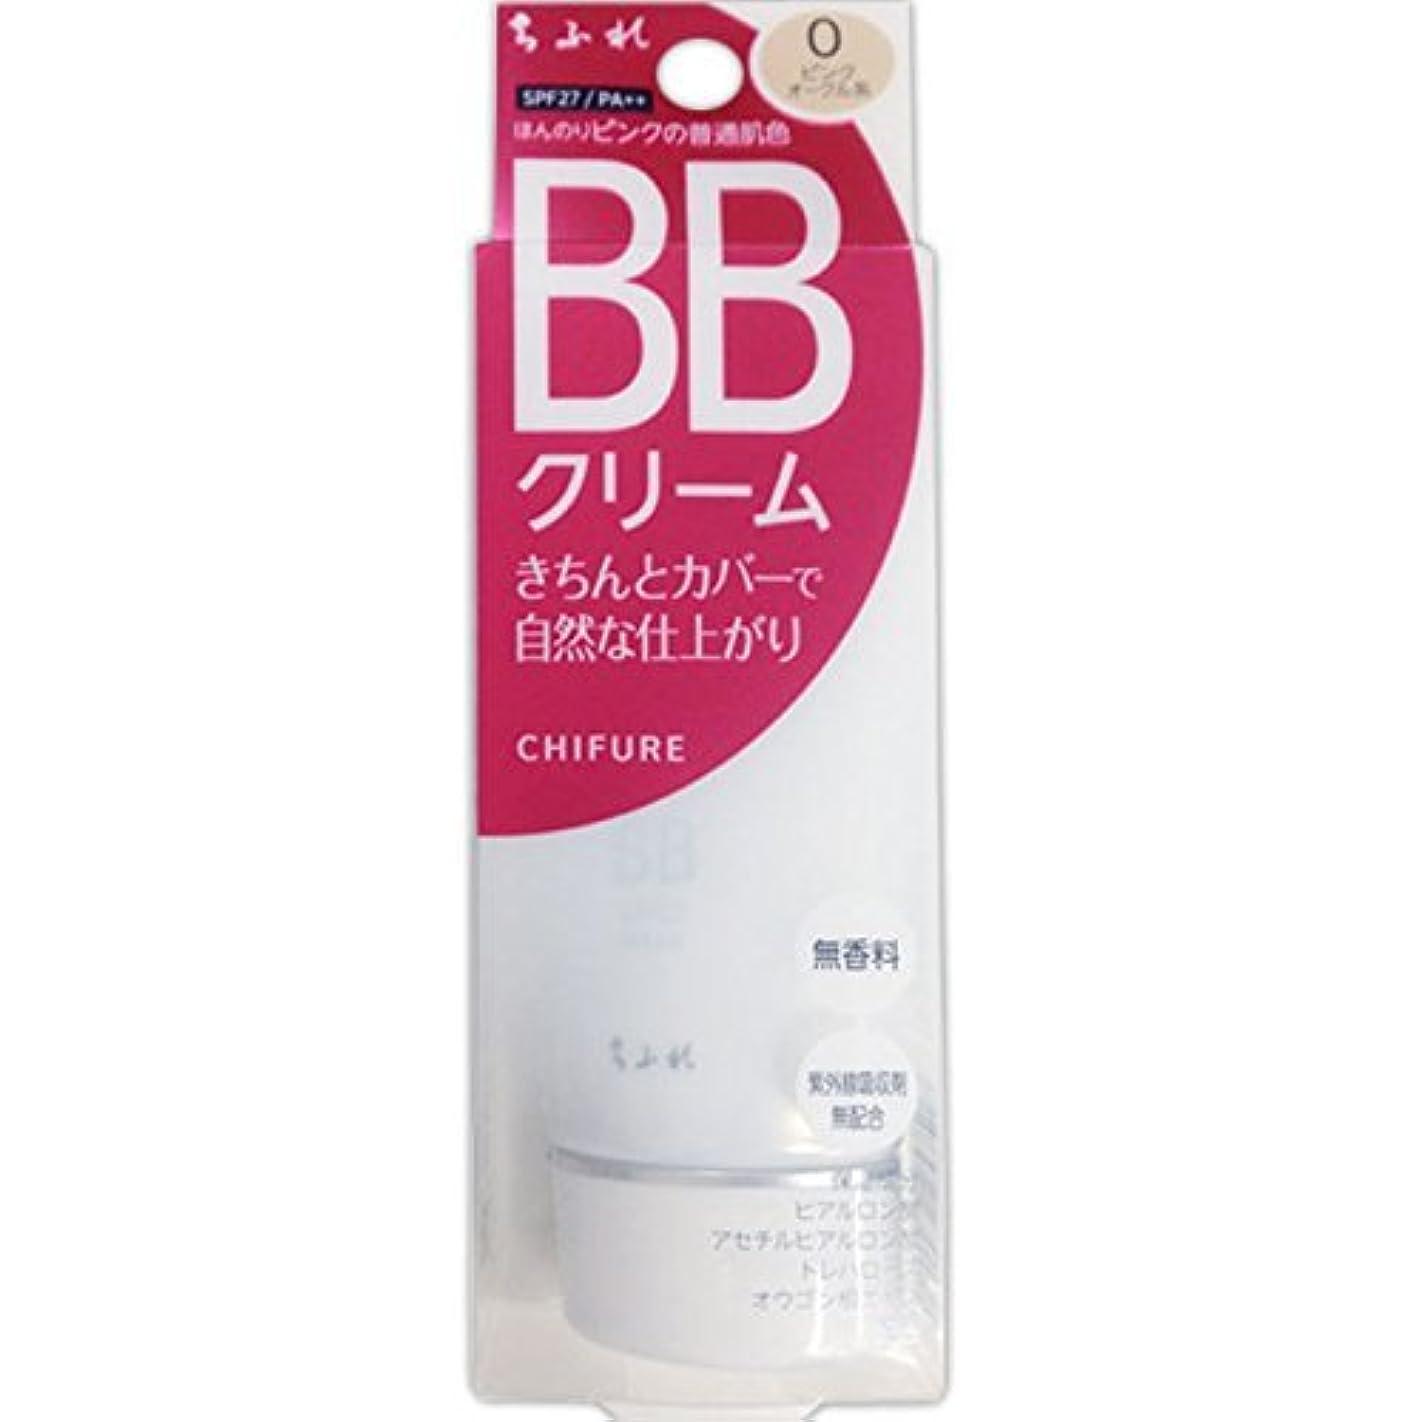 無能行商眩惑するちふれ化粧品 BB クリーム ほんのりピンクの普通肌色 0